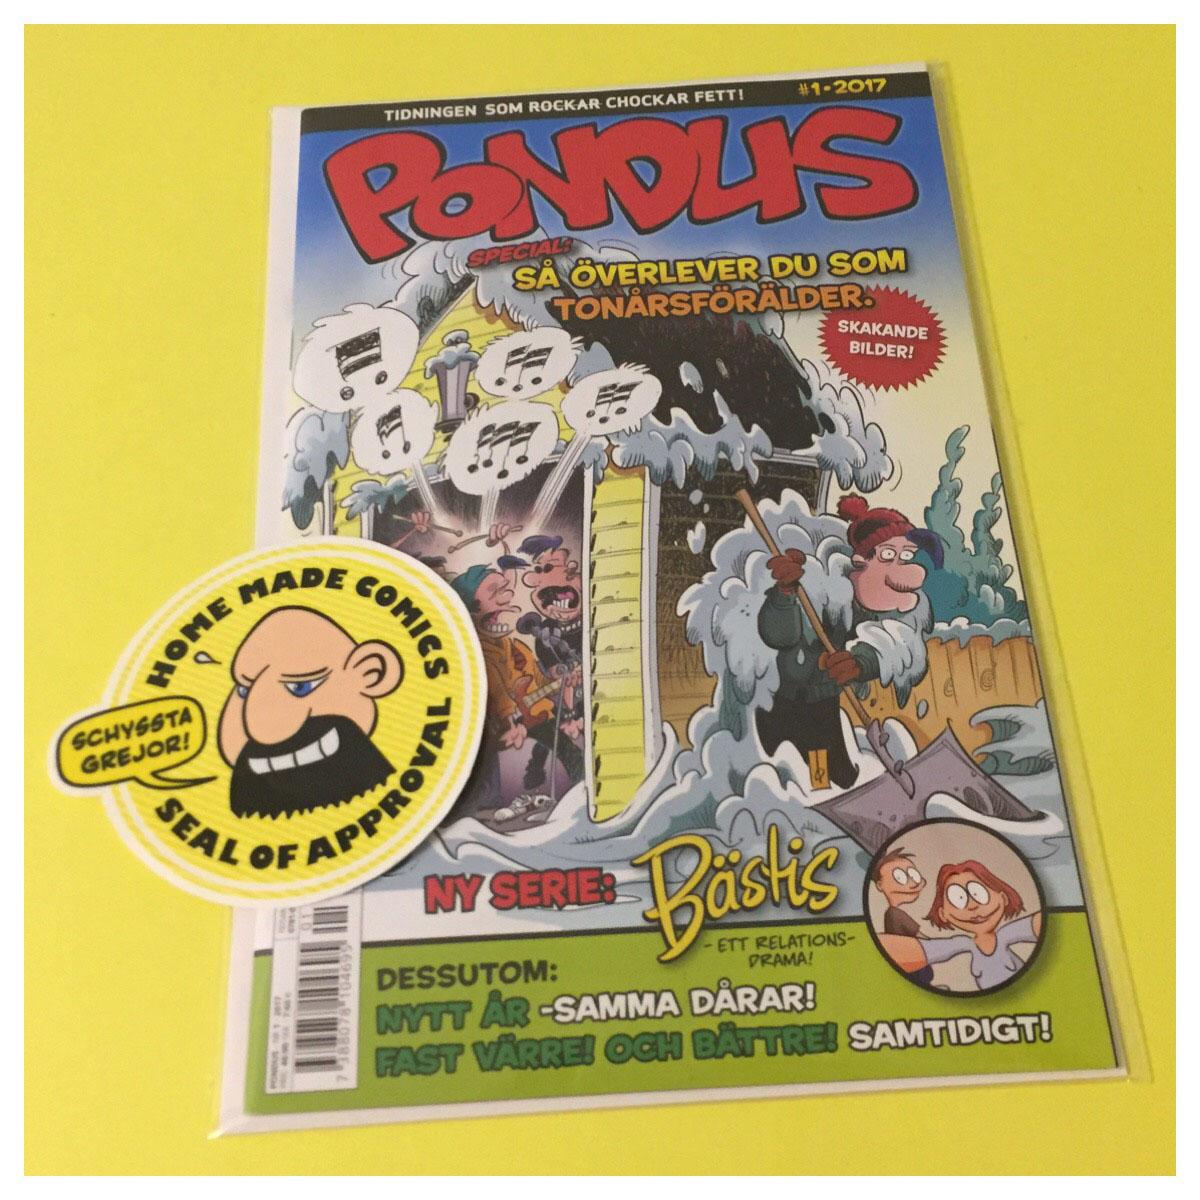 Home Made Comics Seal of Approval #189. Pondus 2017-1 utgiven av Egmont 2017.